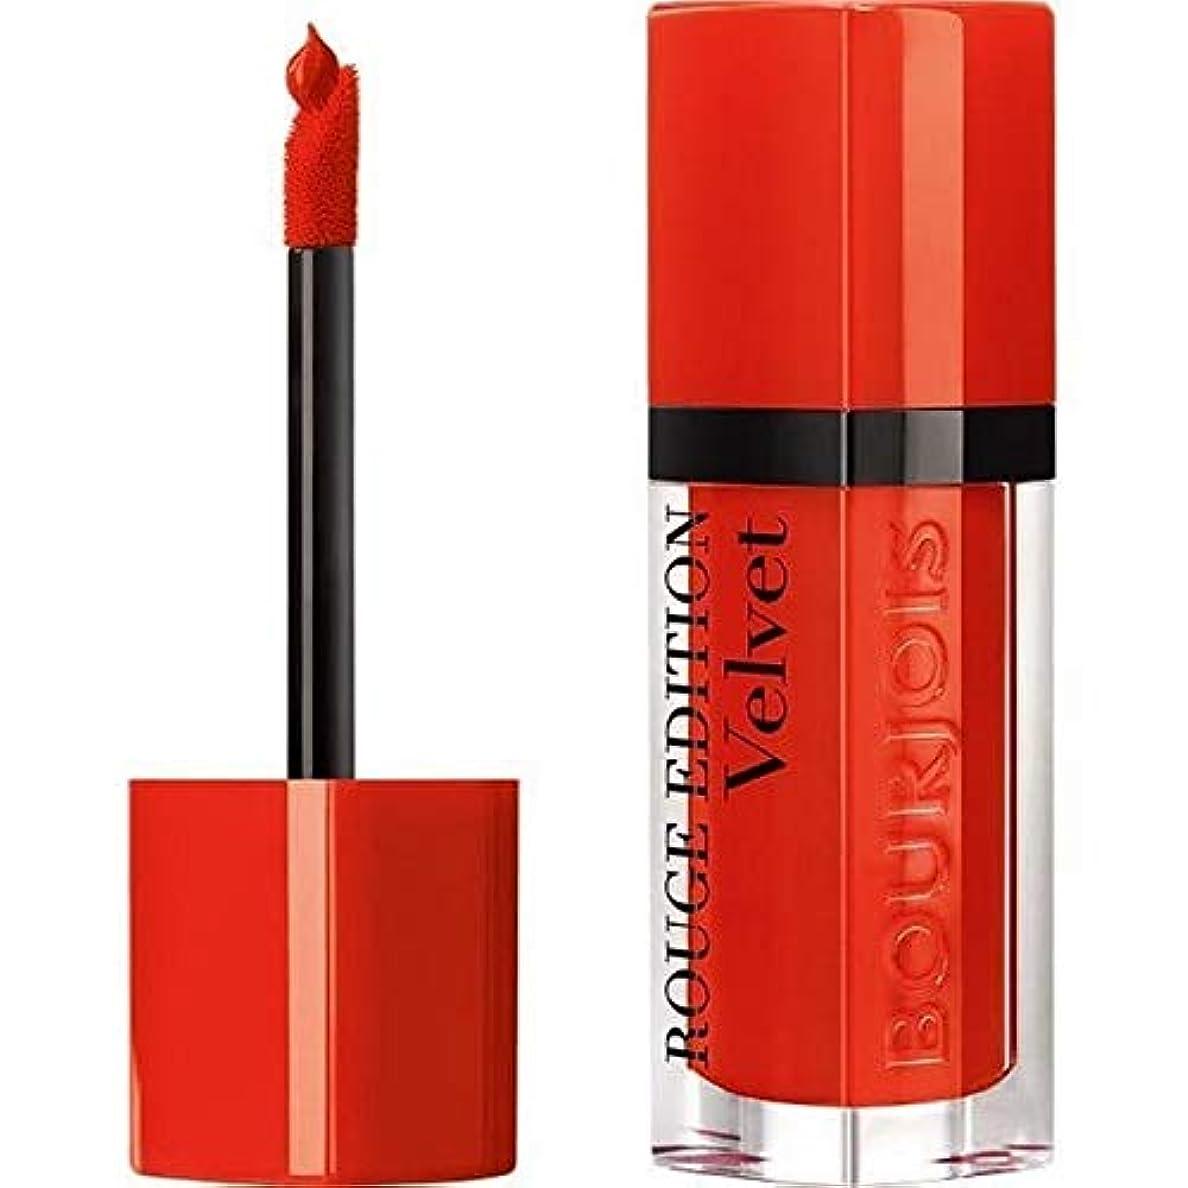 苦しみおいしいこの[Bourjois ] ブルジョワルージュ版のベルベットの口紅ケシの日20 - Bourjois Rouge Edition Velvet Lipstick Poppy Days 20 [並行輸入品]